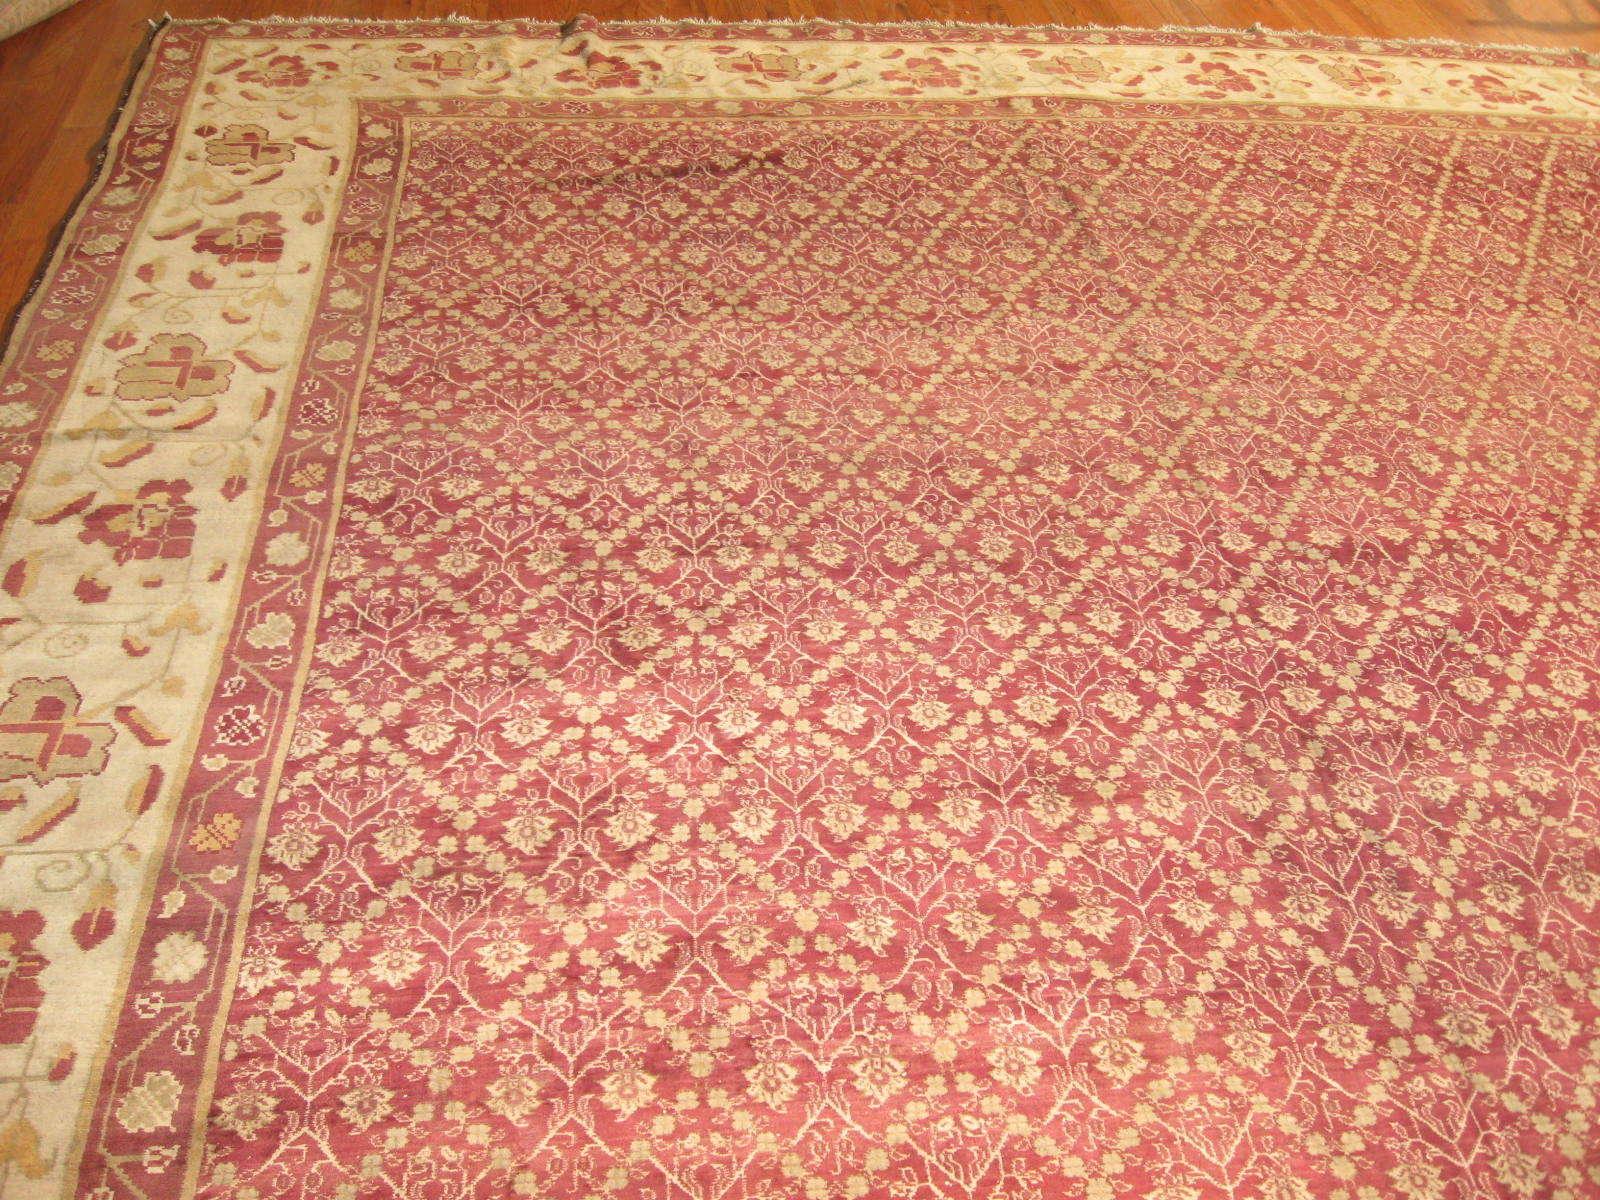 24261 antique India Agra carpet 17,5 x 27,2 (1)